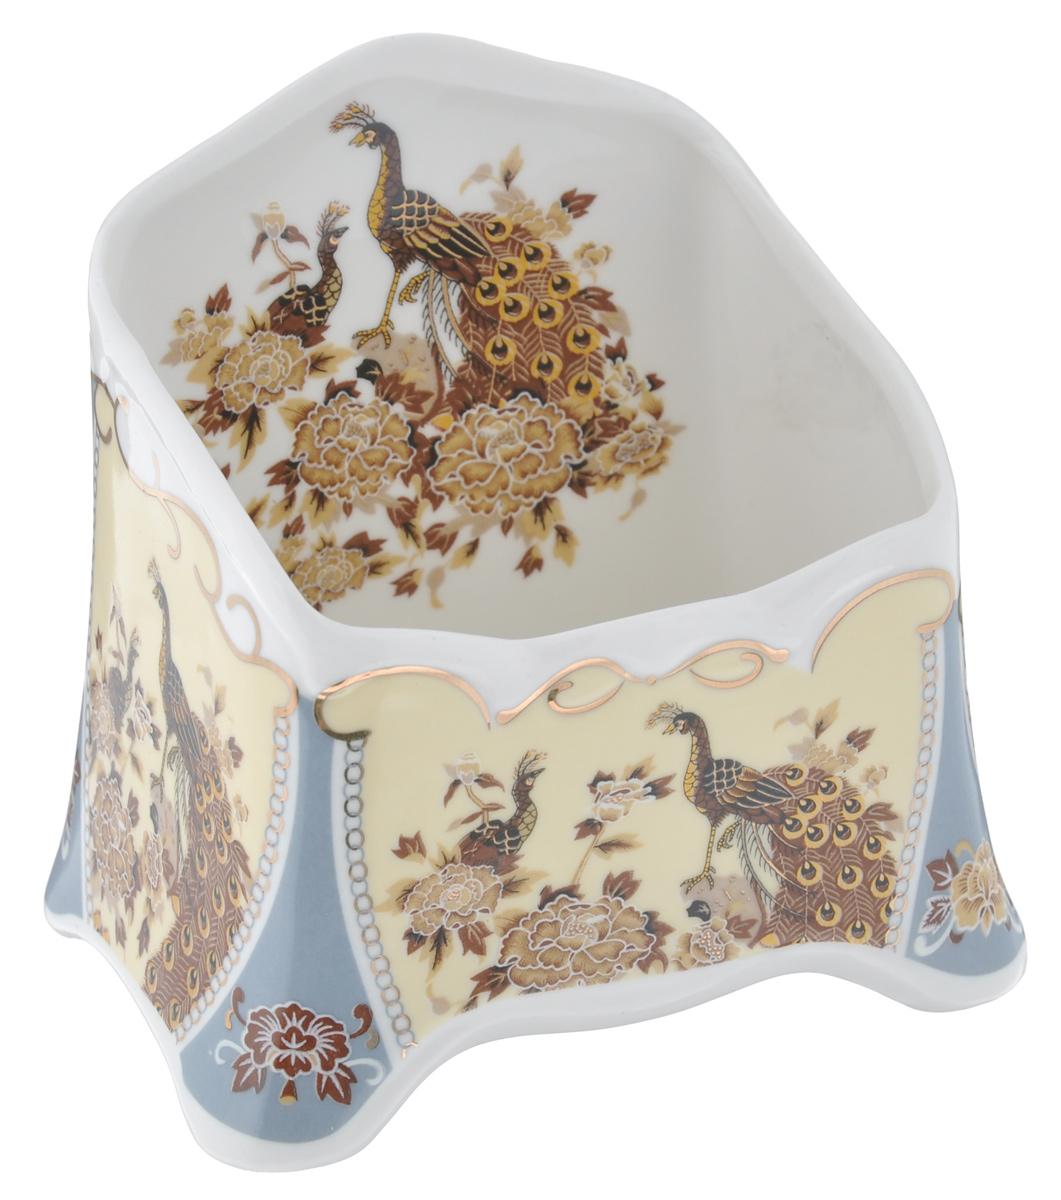 """Сервировочная подставка для чайных пакетиков Elan Gallery """"Павлин"""", изготовленная из высококачественной керамики, порадует вас оригинальностью и дизайном. Изделие декорировано цветочными узорами и яркими изображениями павлинов и цветов.Такая подставка, несомненно, понравится любой хозяйке и украсит интерьер вашей кухни!"""